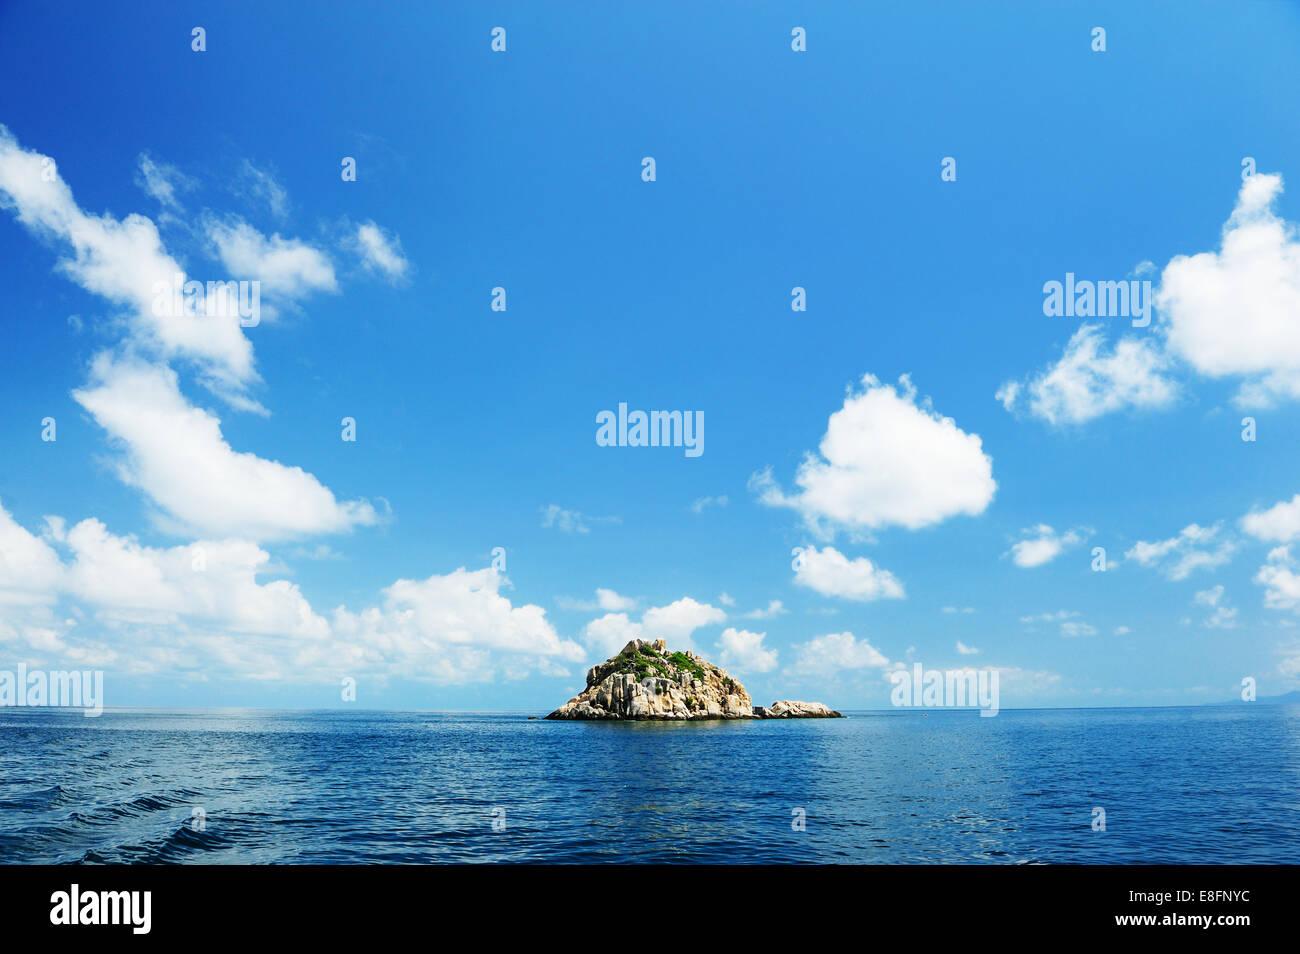 Kho Tao island, Thaïlande Banque D'Images